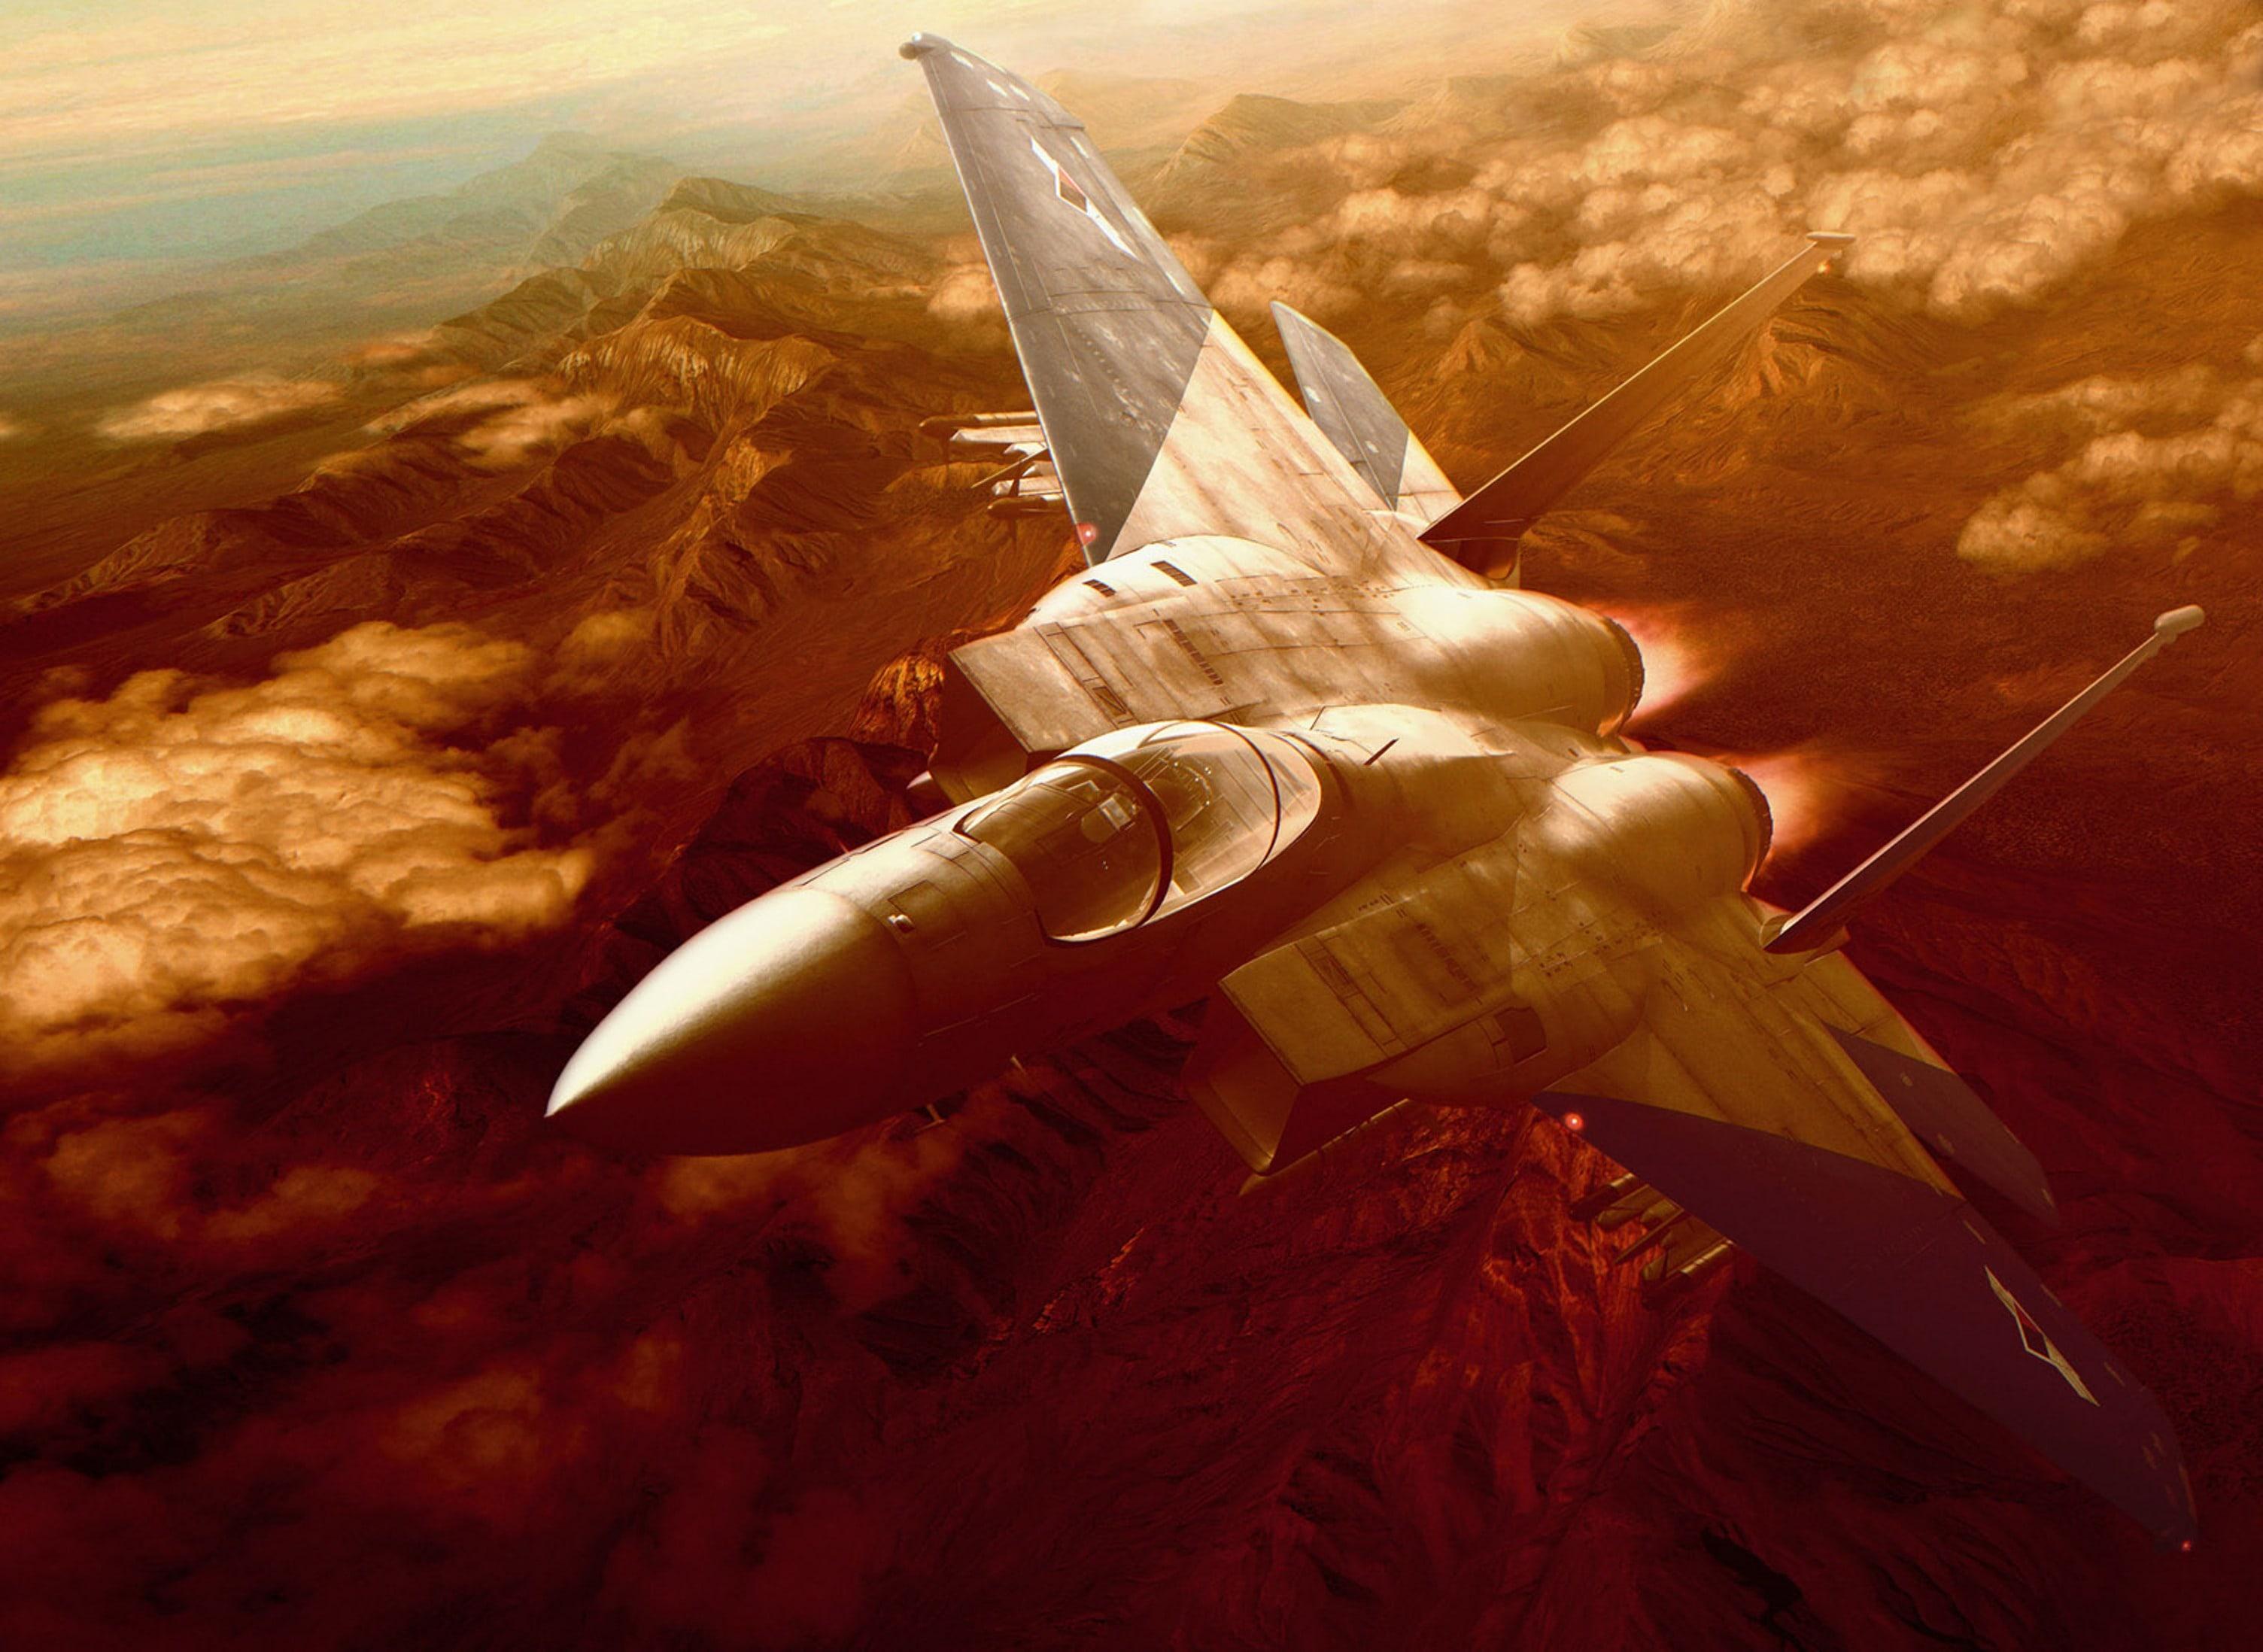 Ace Combat Zero: The Belkan War widescreen wallpapers